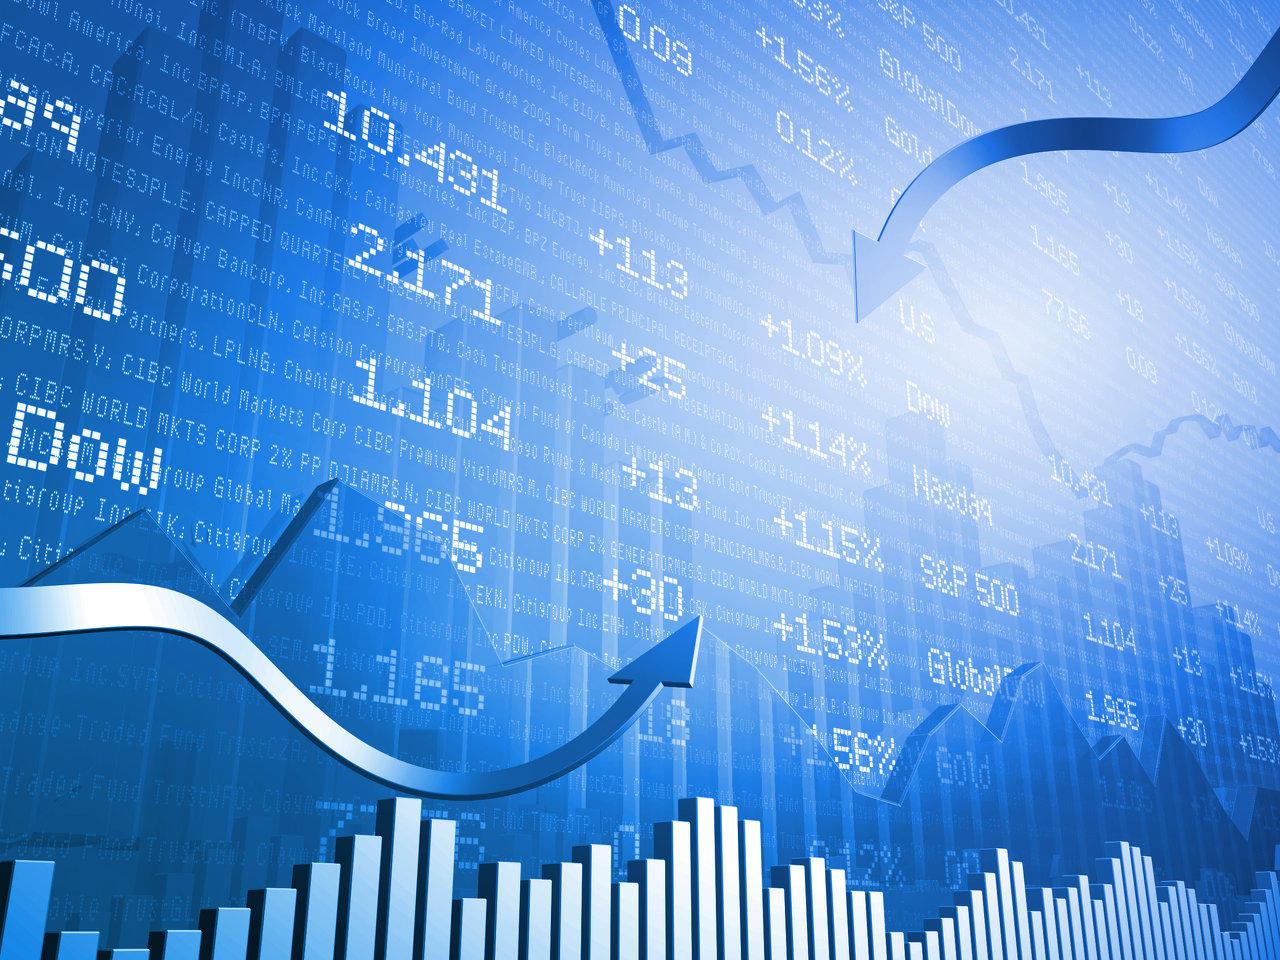 ... Forex Psychologia inwestycji w wydaniu praktycznym - Forex , Futures